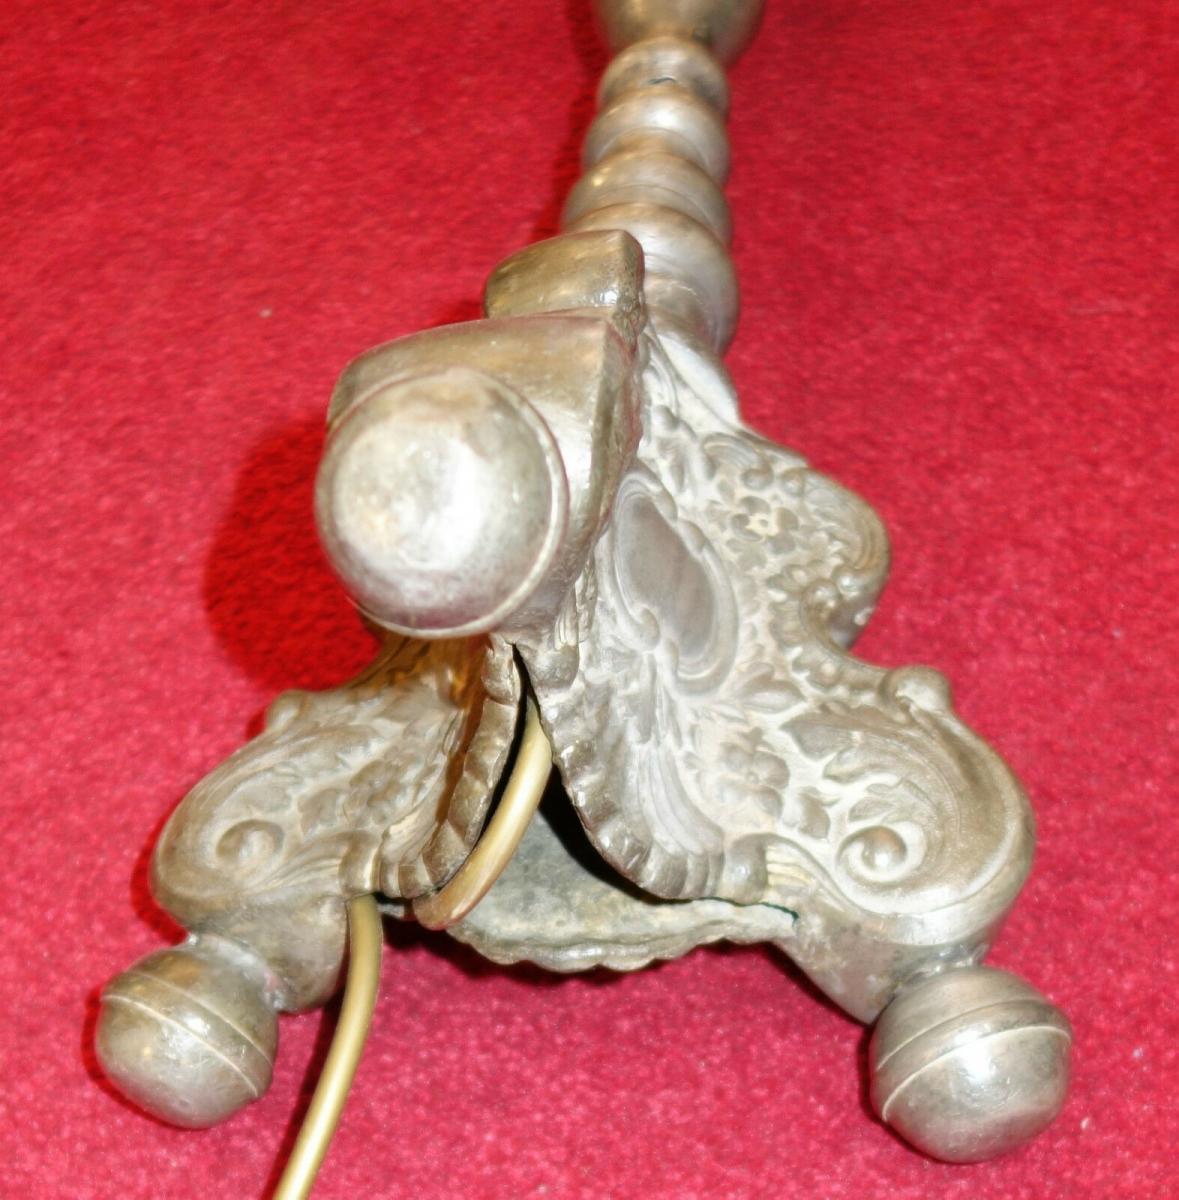 Stehlampe,Barockstil ,Zinn,aus altem Zinnkerzenleuchter gefertigt 5